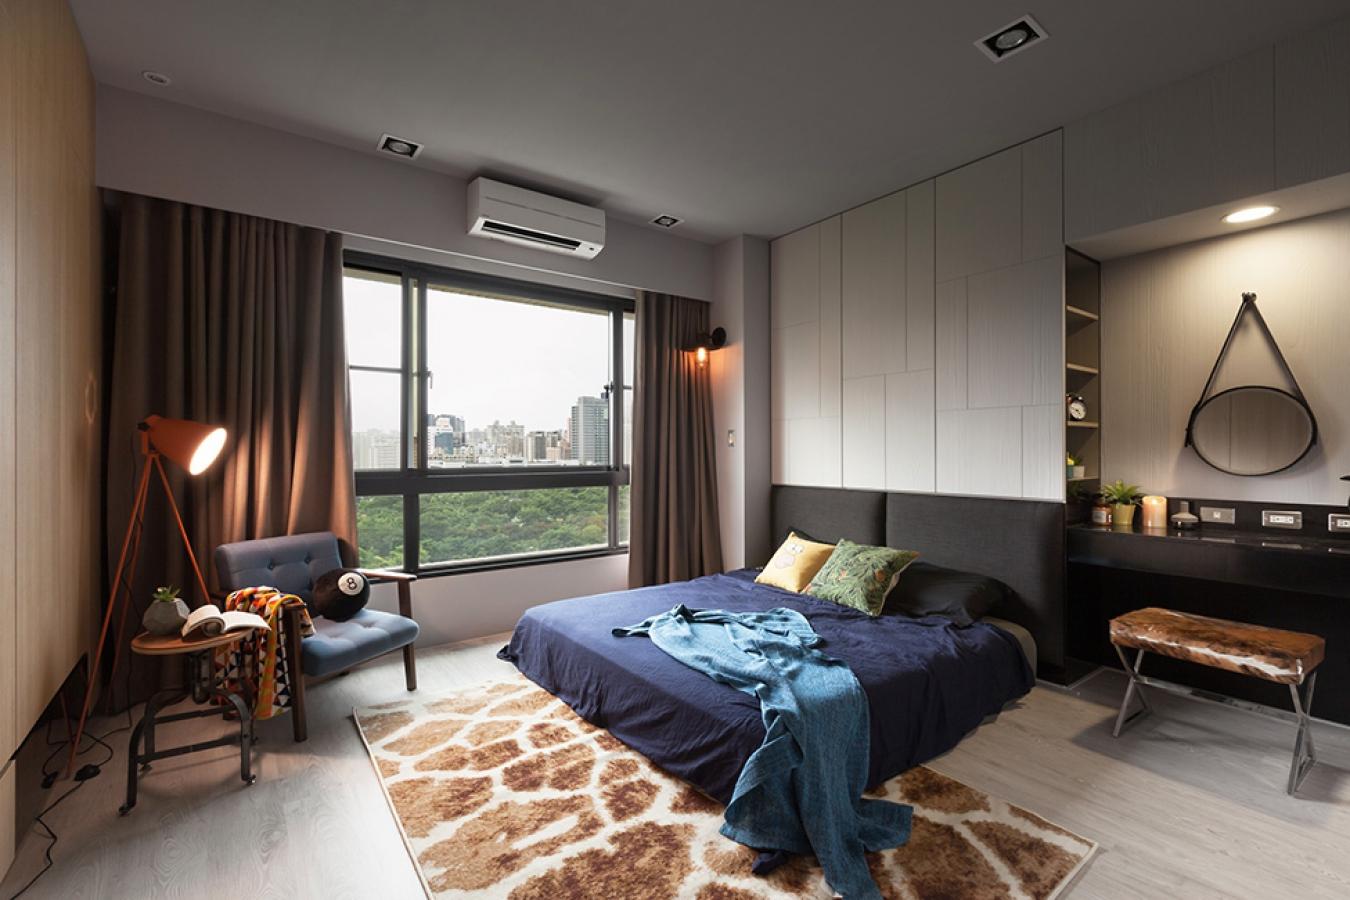 Великолепный интерьер спальни, о котором можно только мечтать